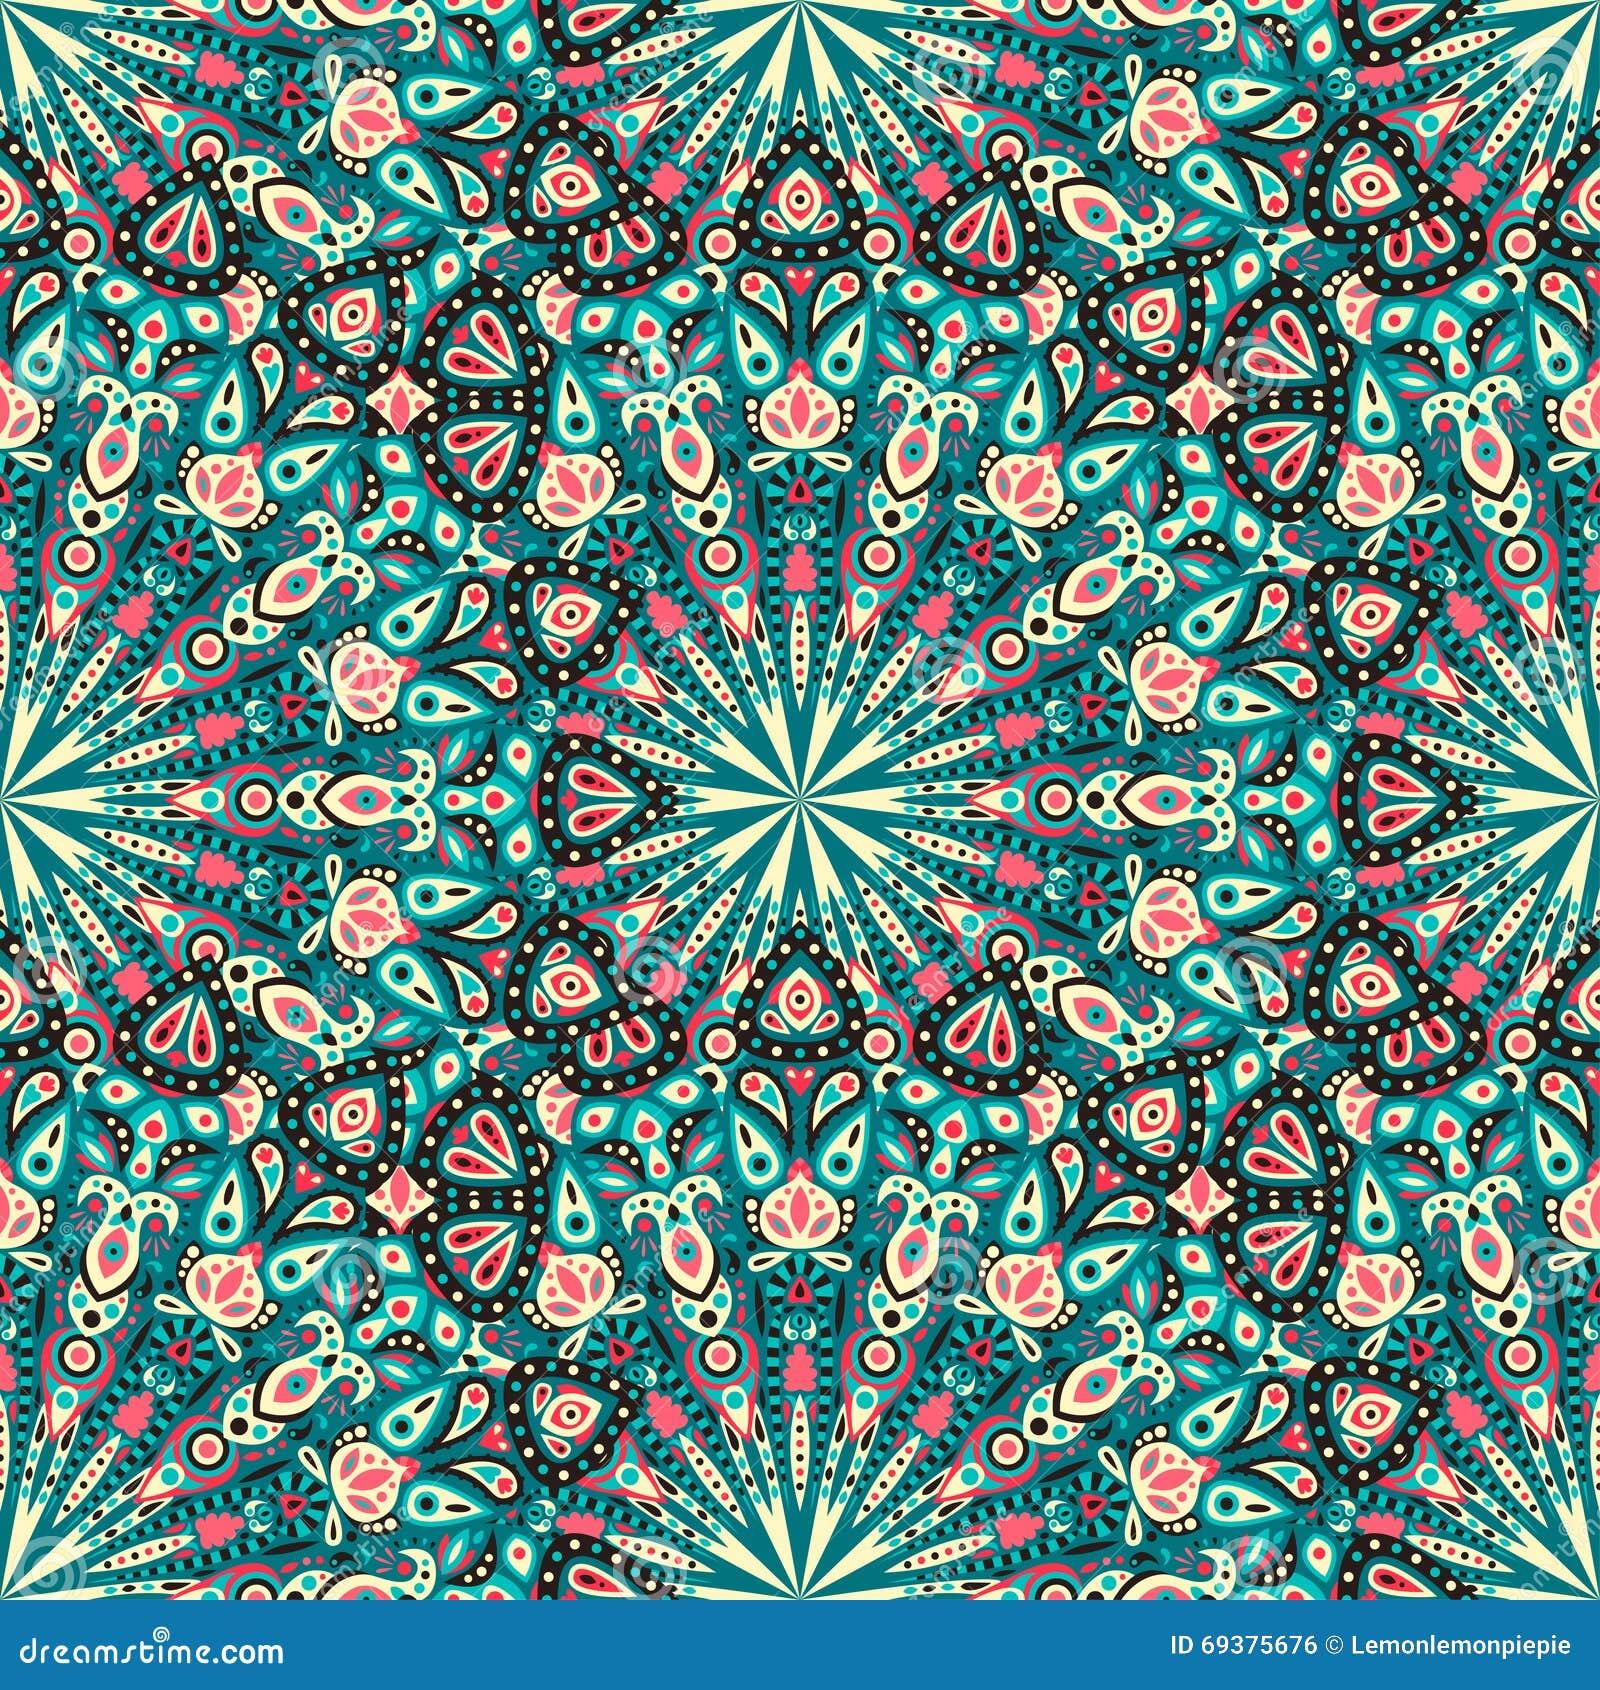 Round Mandala Seamless Pattern. Arabic, Indian, Islamic, Ottoman ...